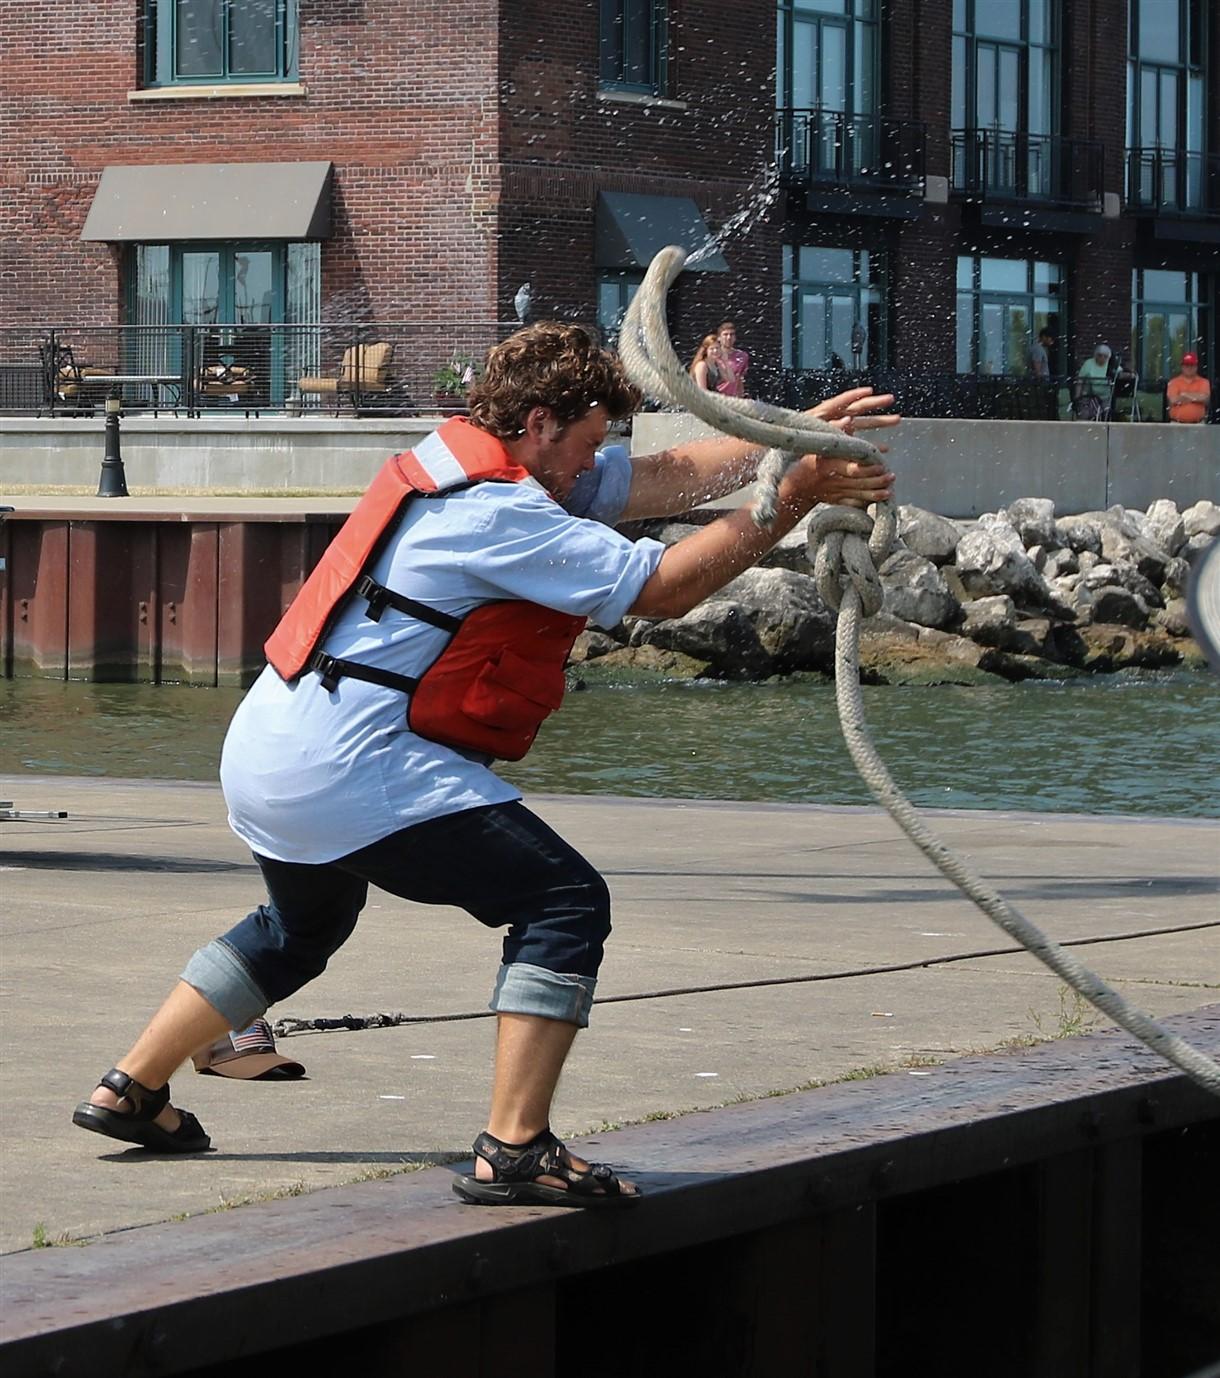 2018 07 14 191 Sandusky OH Festival of Sail.jpg